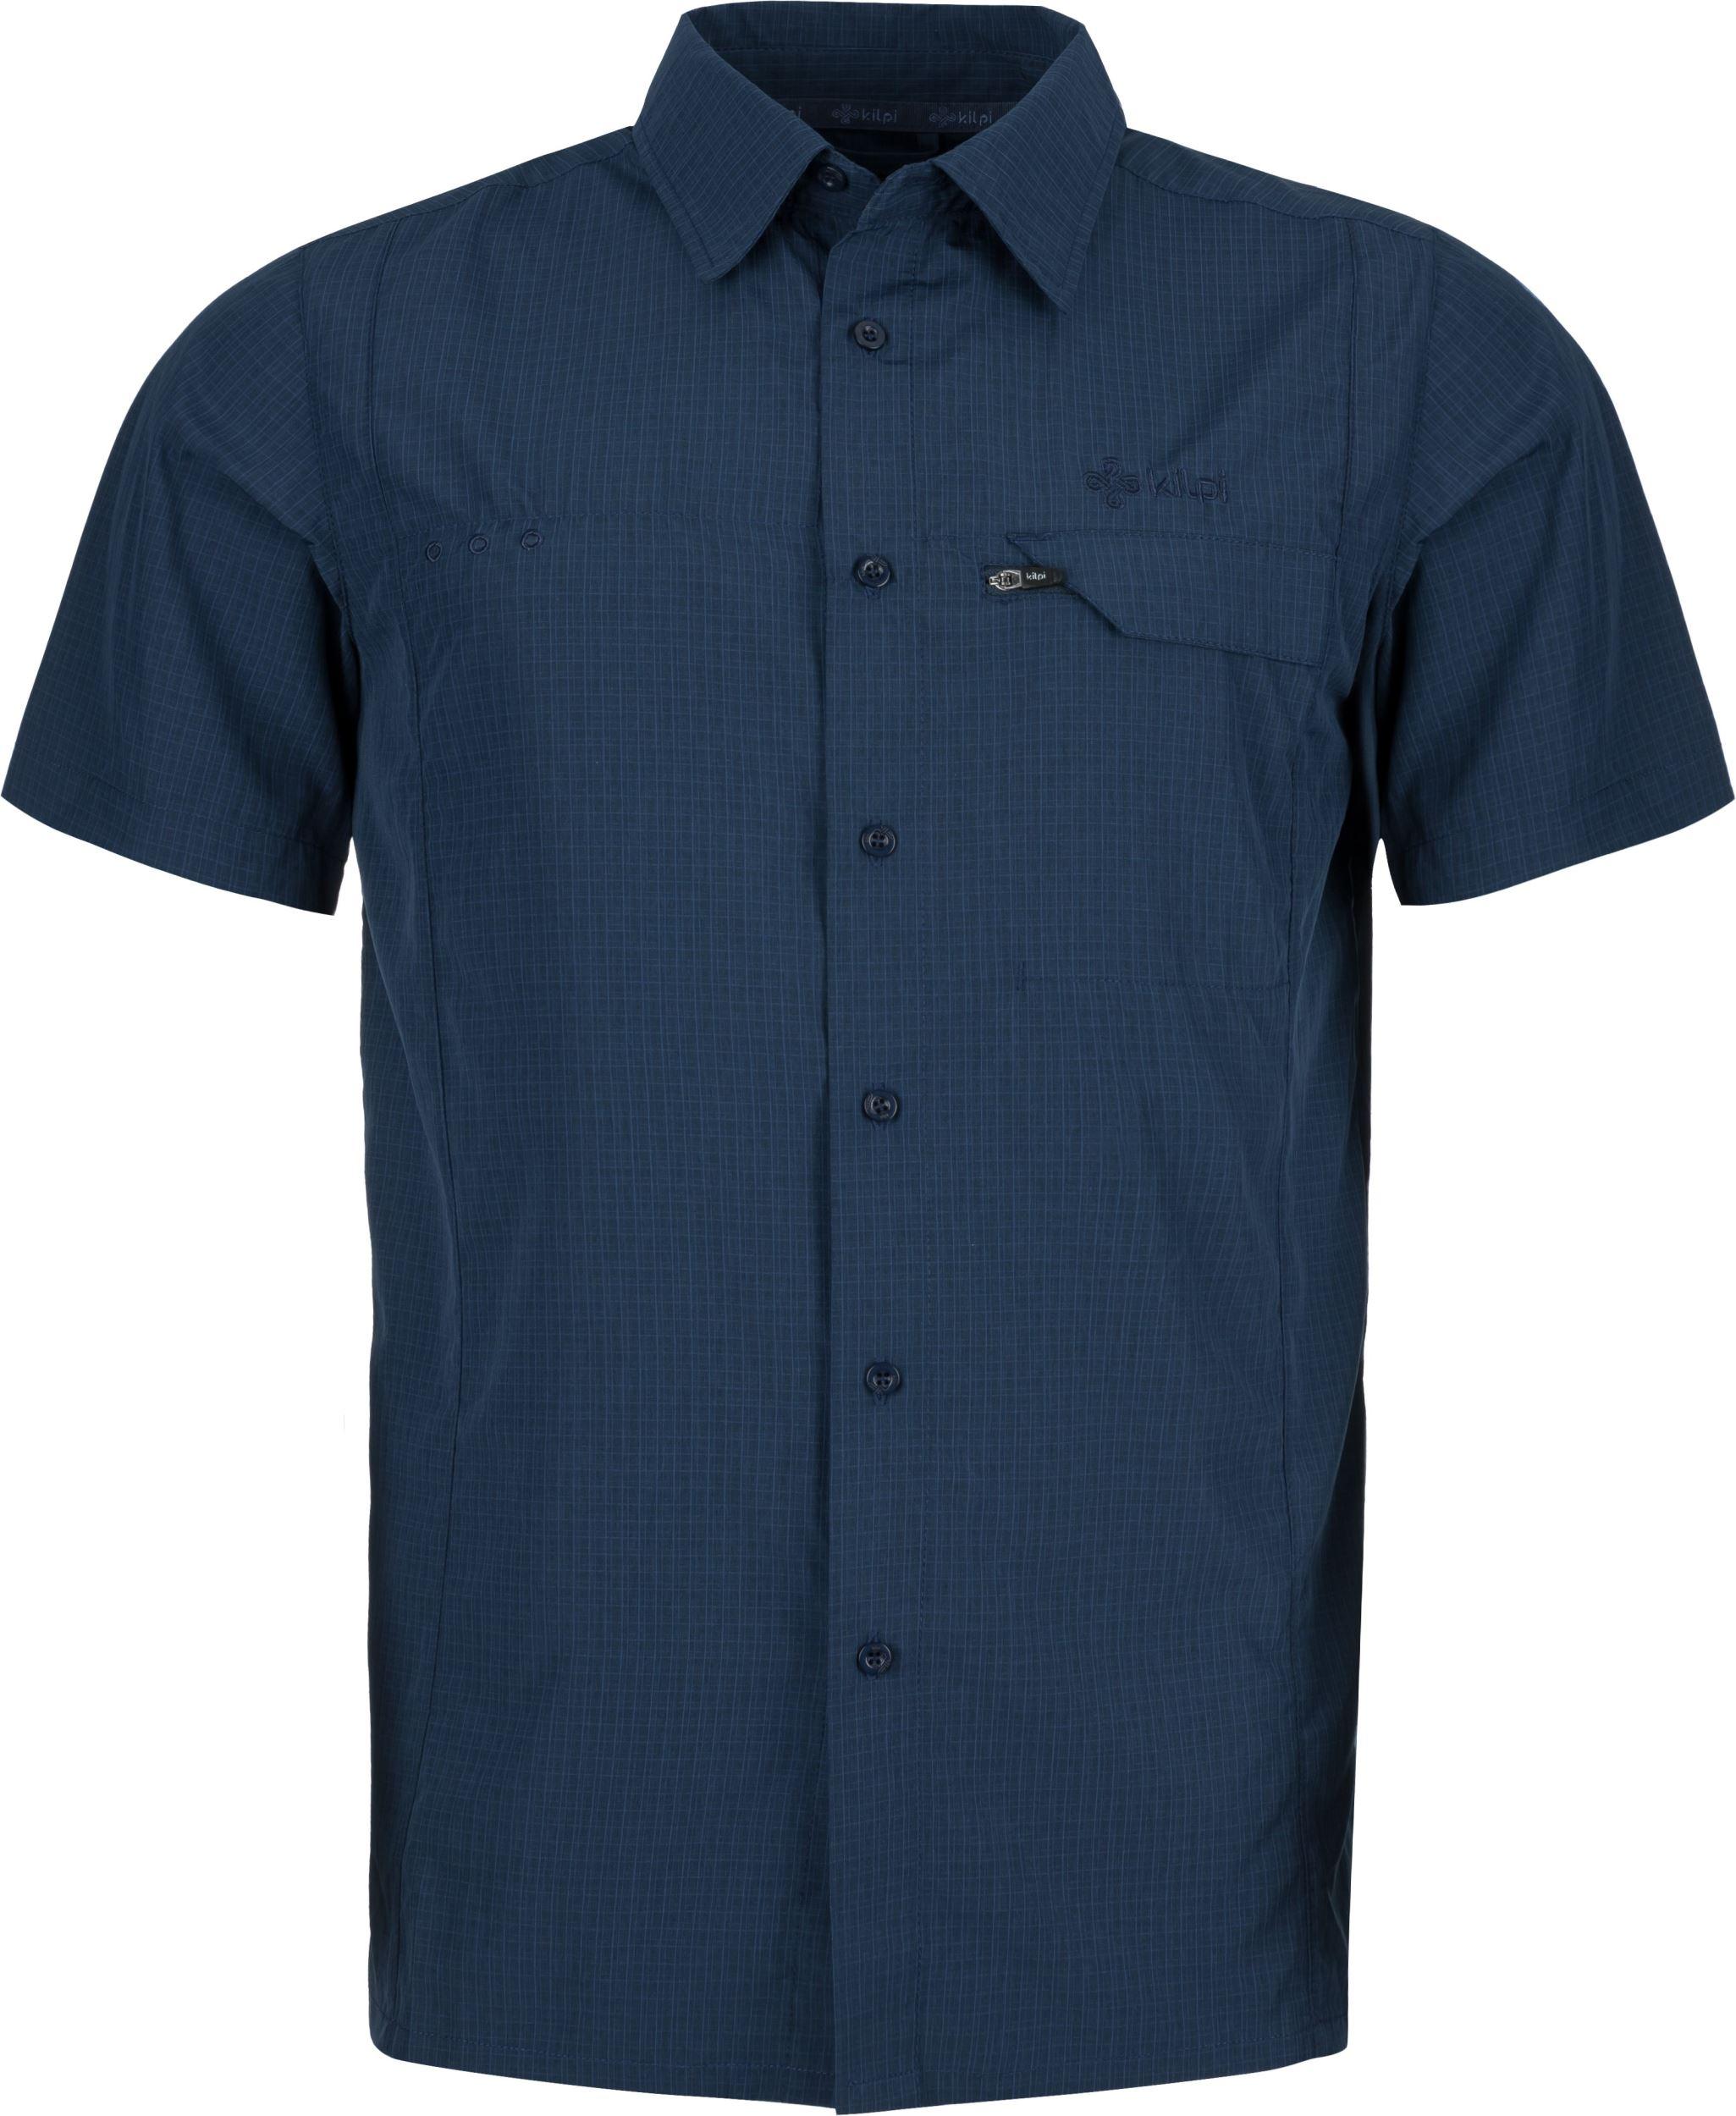 17af4b8a21 Pánska košeľa Kilpi BOMBAY-M tmavo modrá (nadmerná veľkosť) 4XL